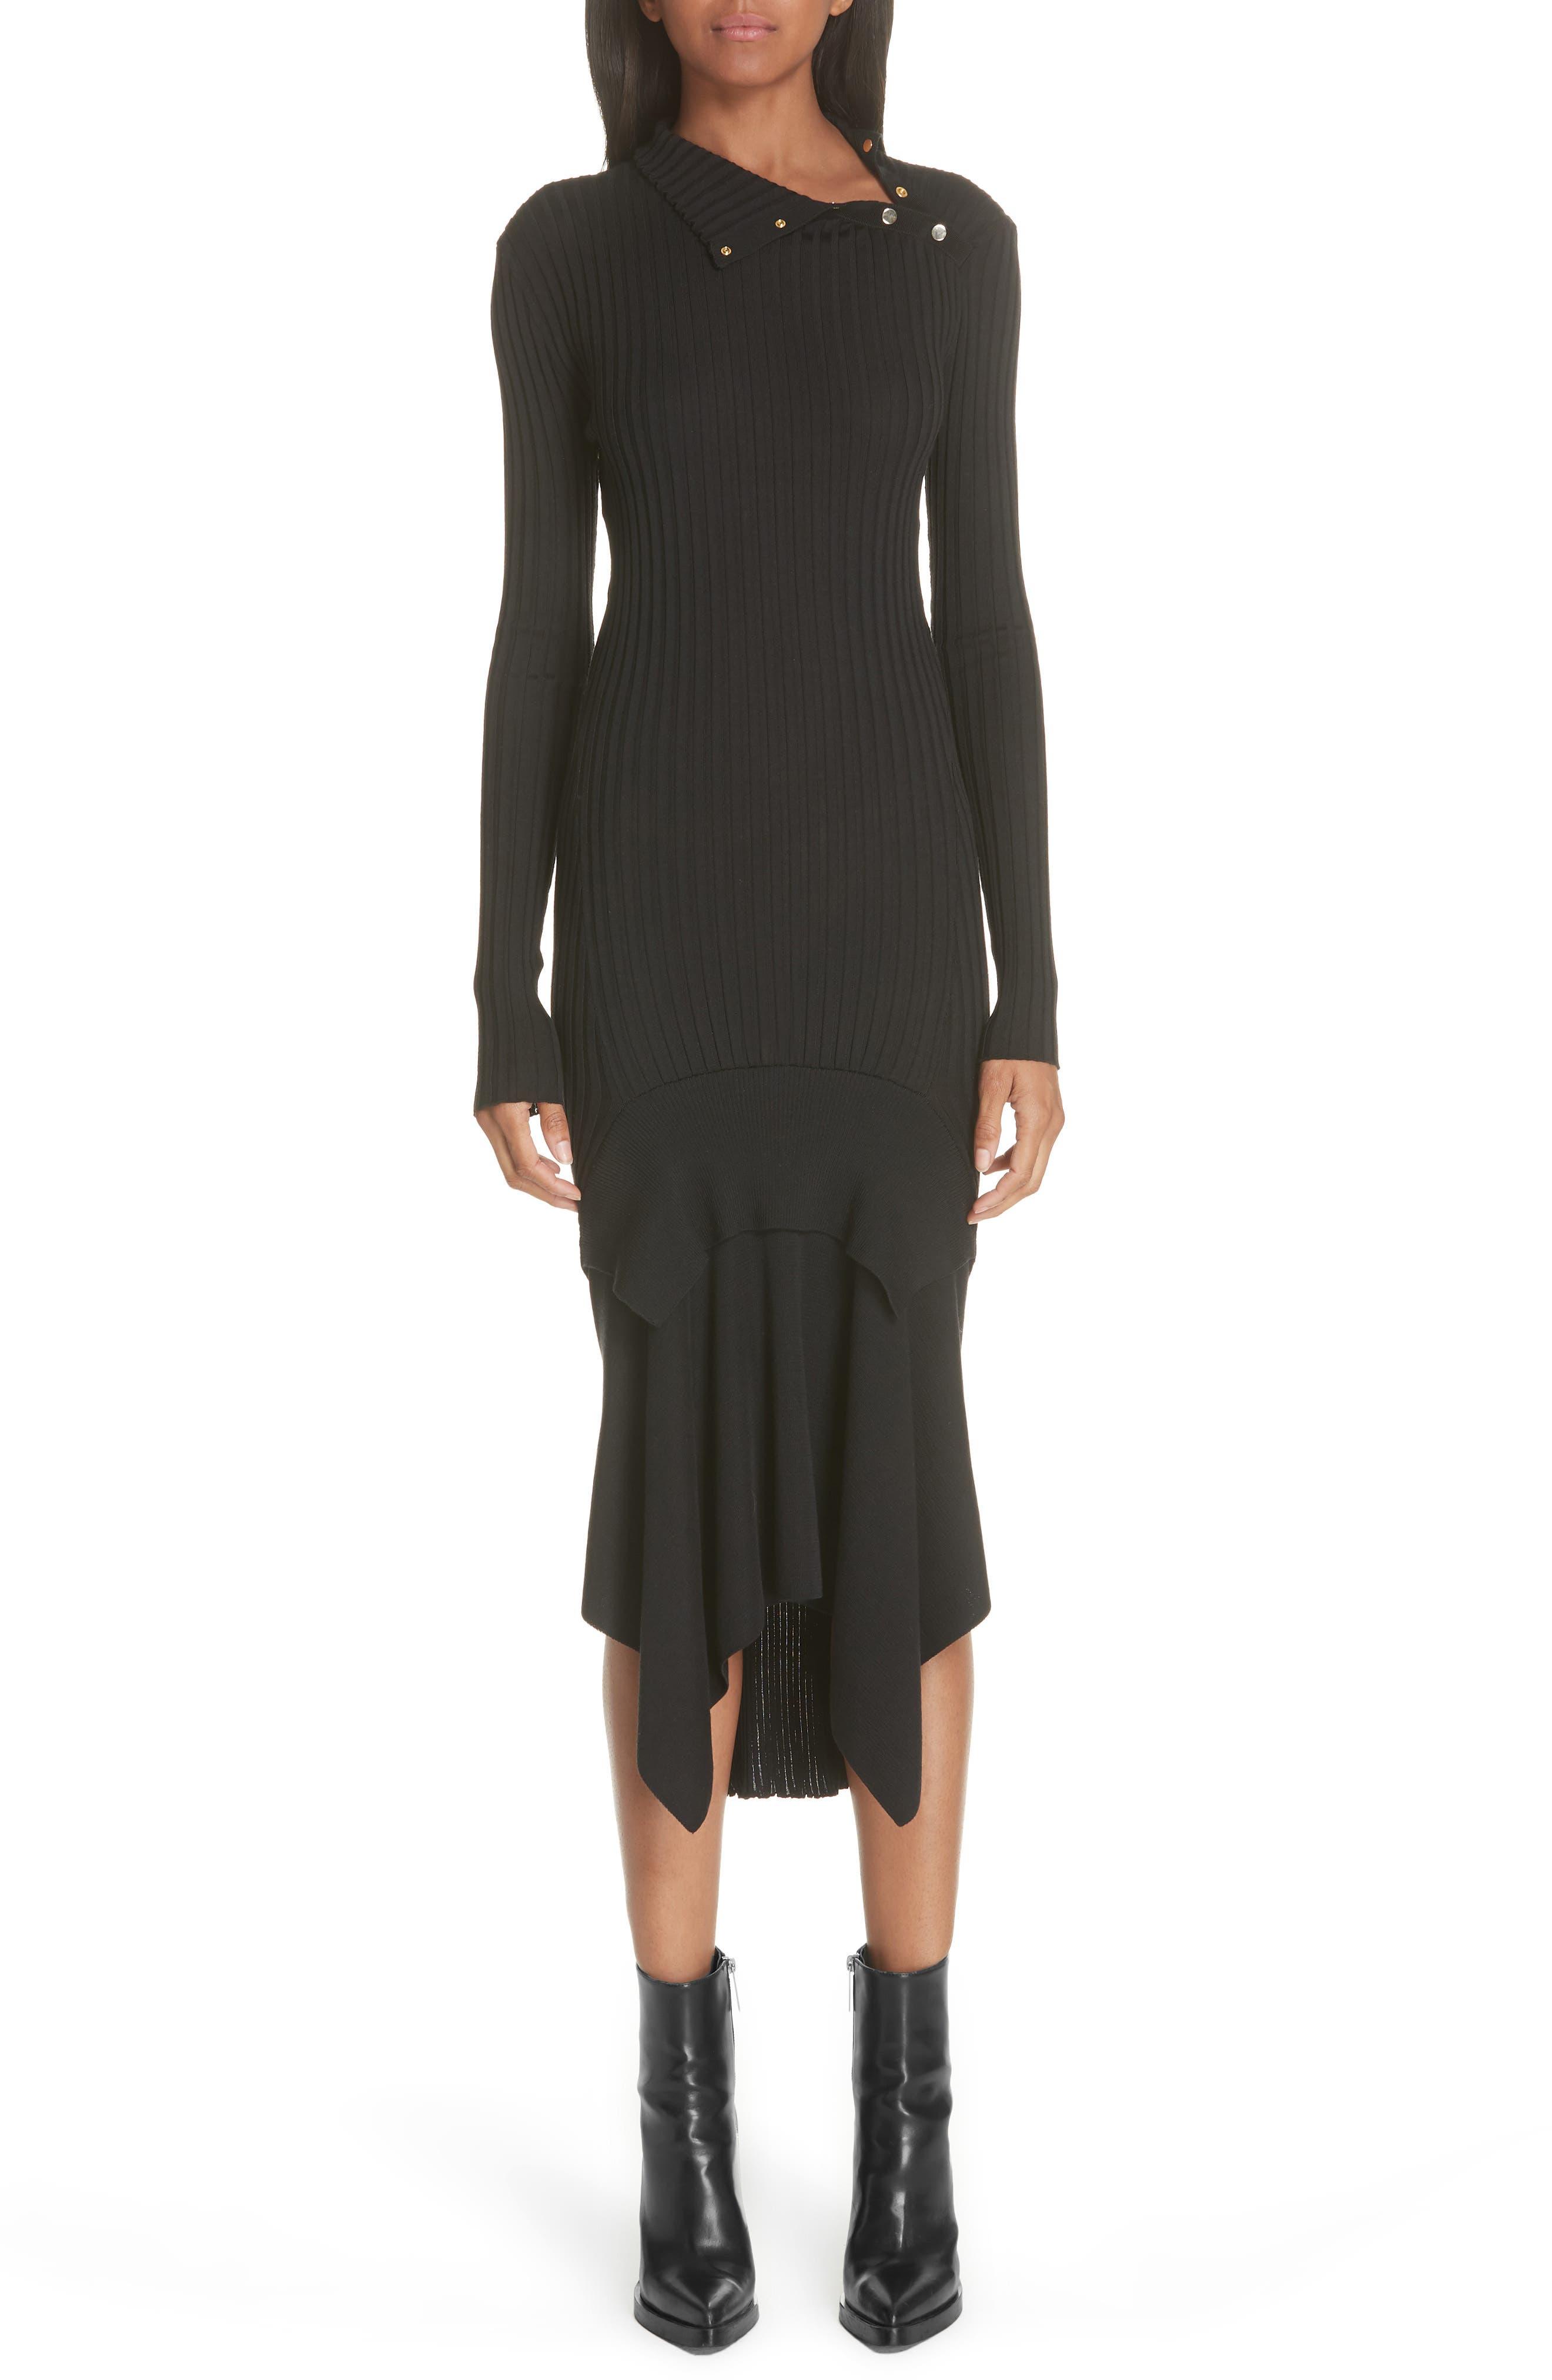 Snap Neck Rib Knit Sweater Dress by Stella Mccartney